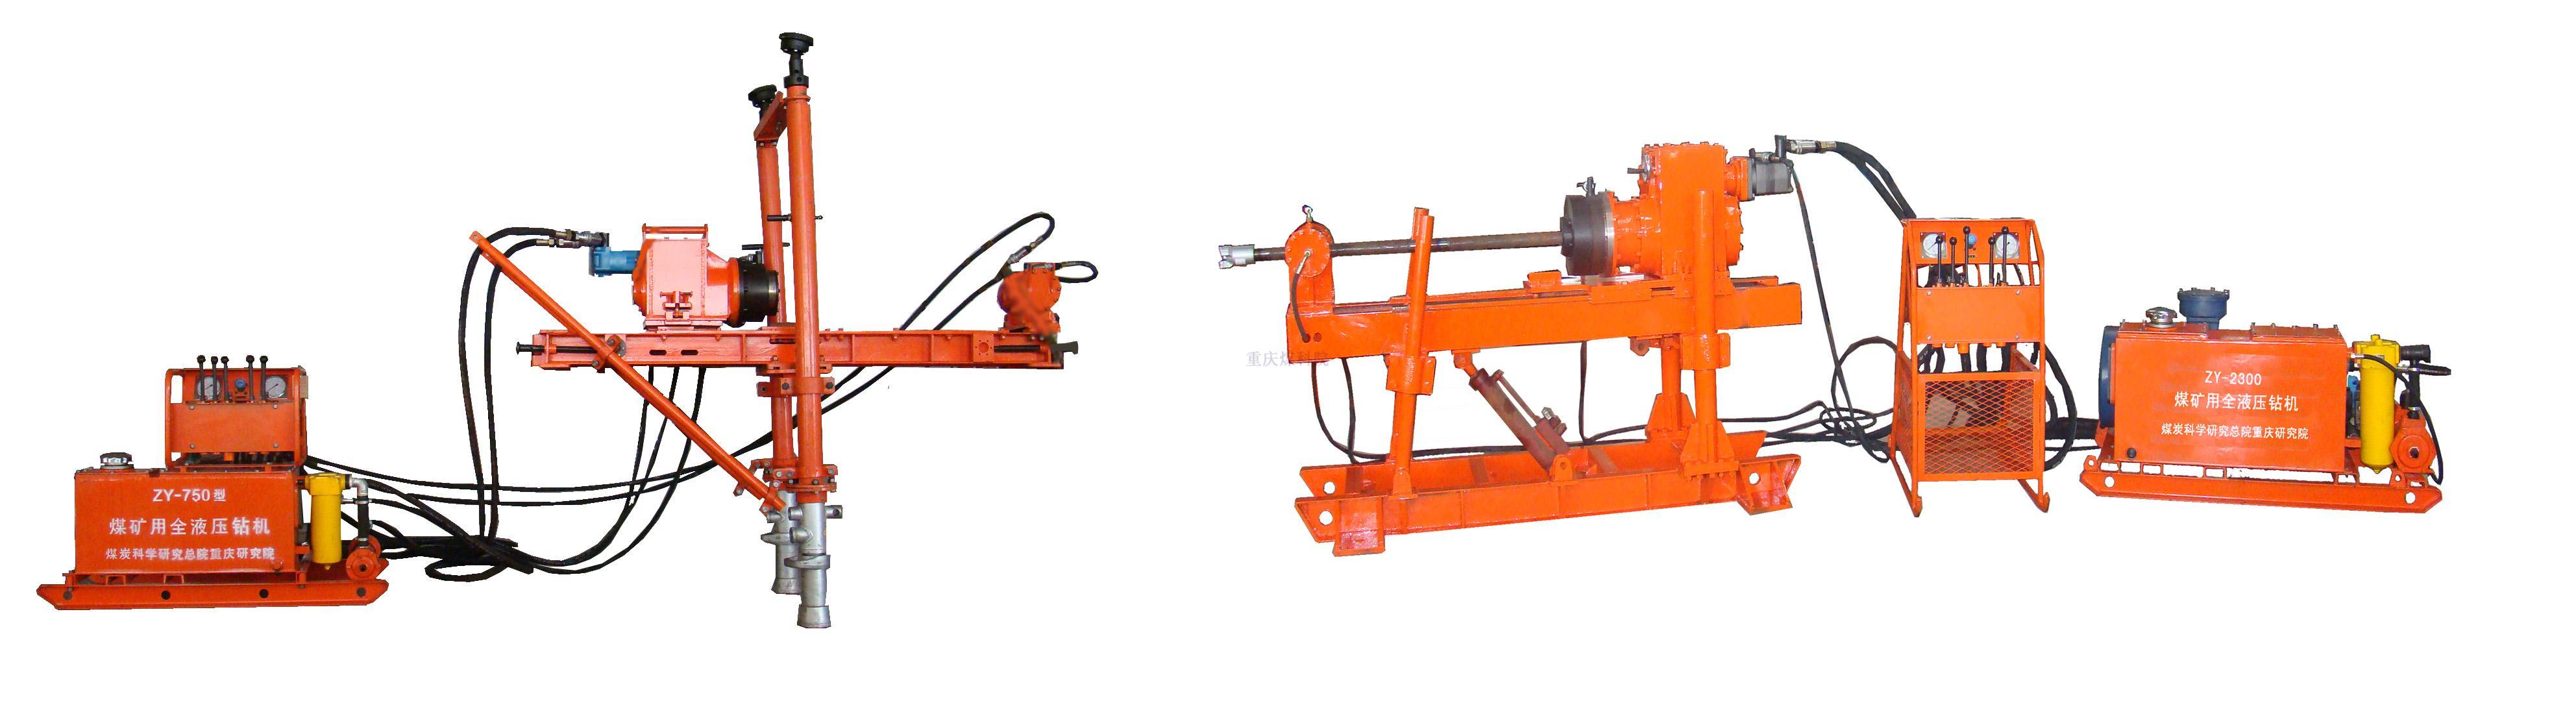 液压钻机配,煤矿钻机配,重庆钻机配件,钻机动力头,夹图片